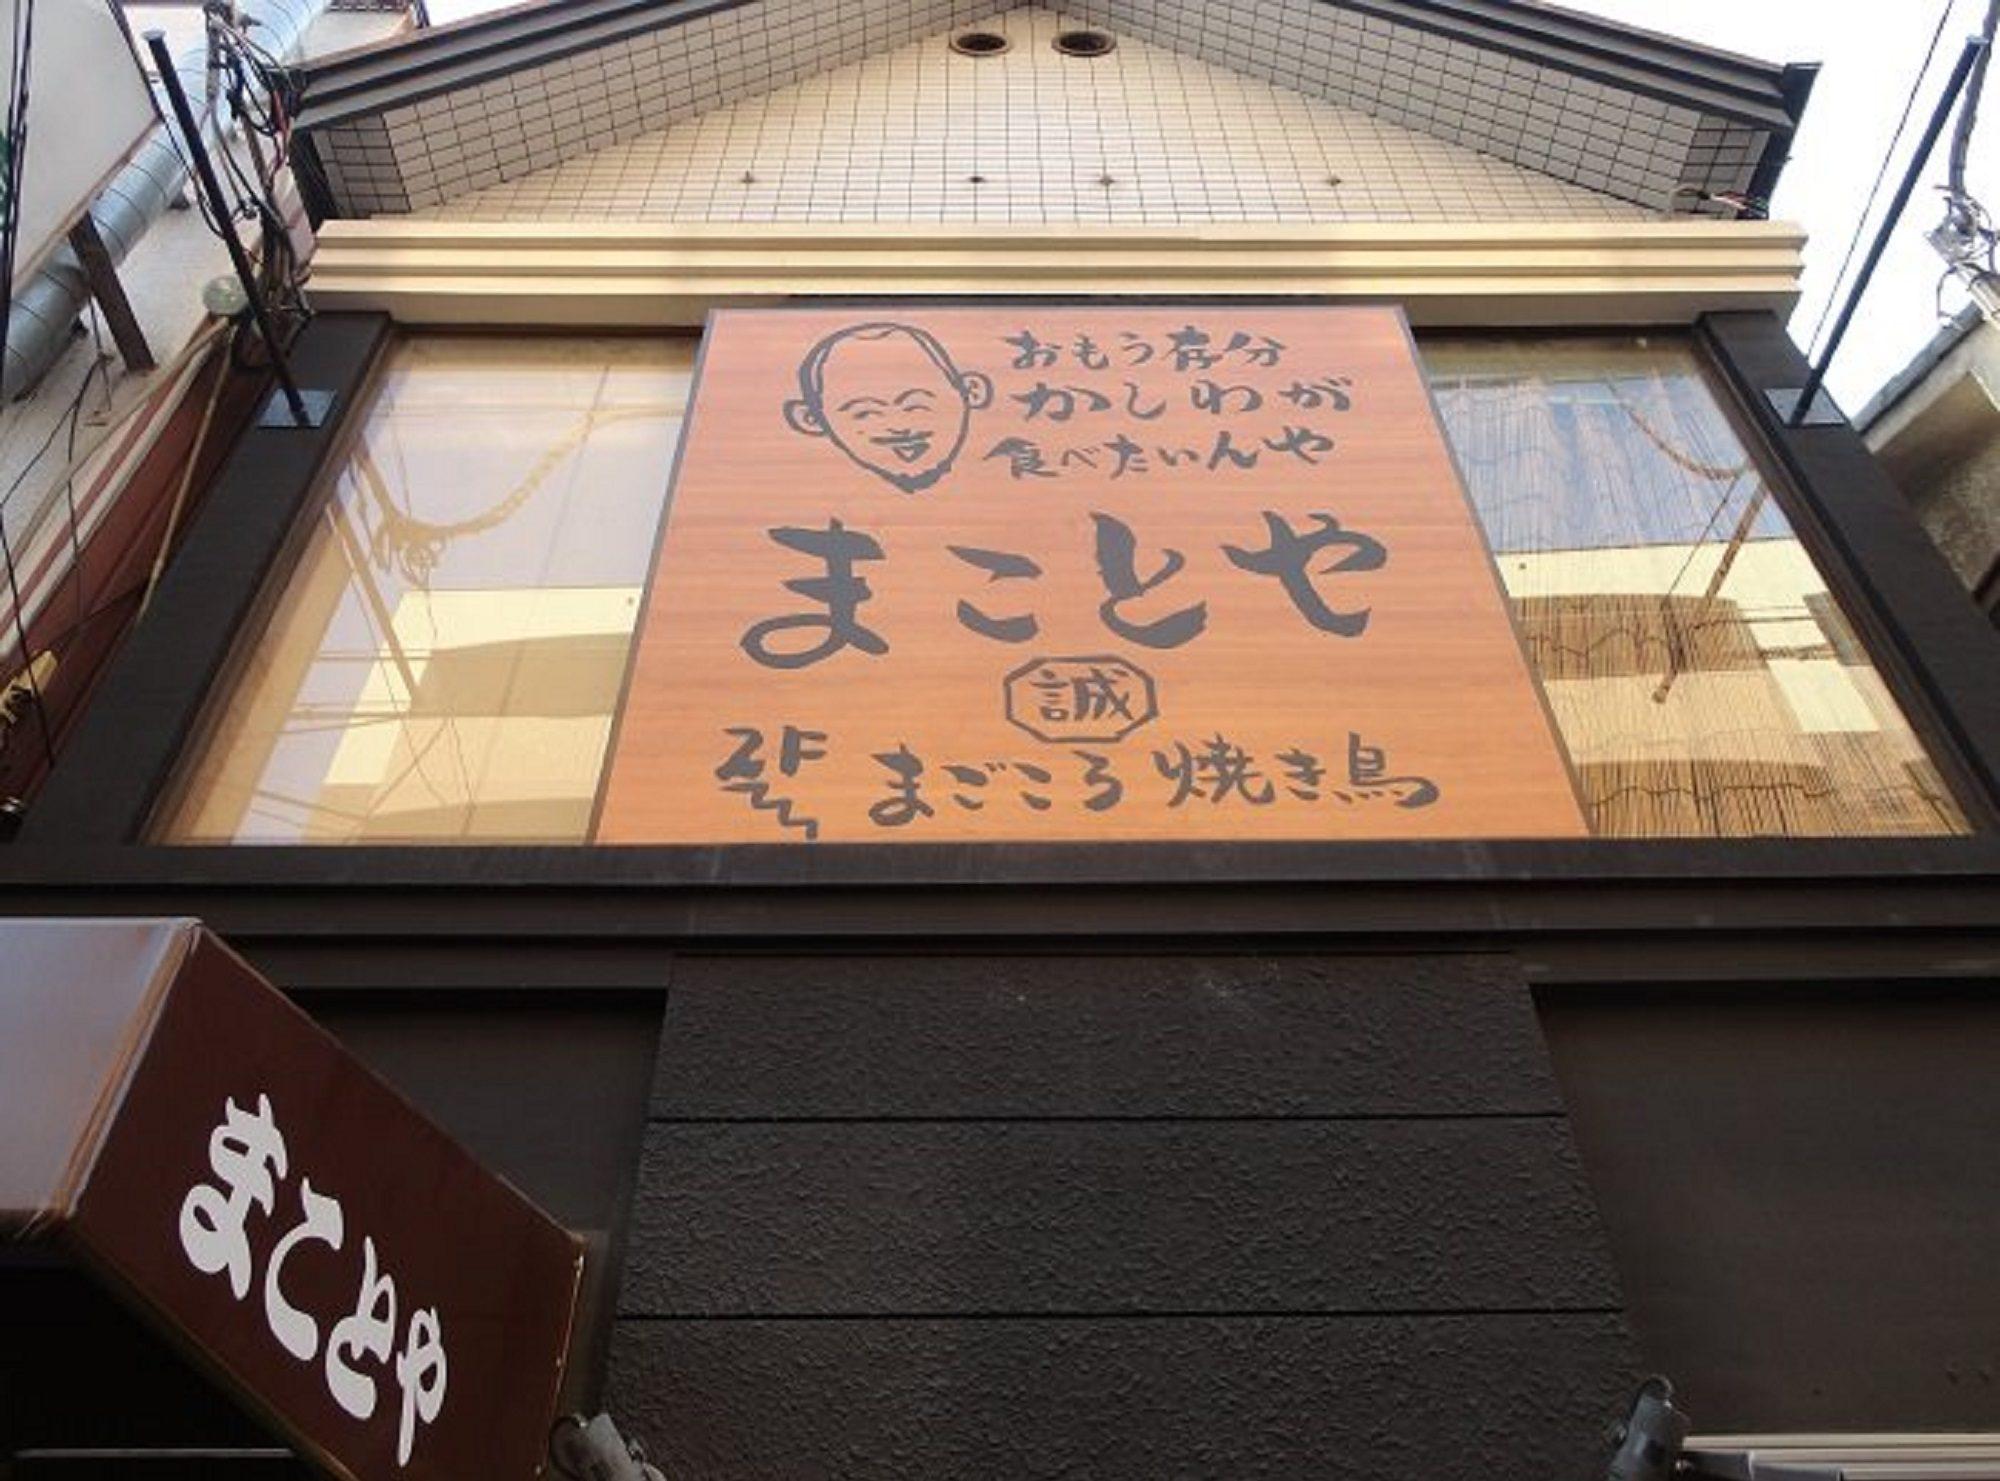 焼き鳥屋開業アドバイザー前田誠二の日記。元ボクシングトレーナー、漫画も書くという異色の焼き師!